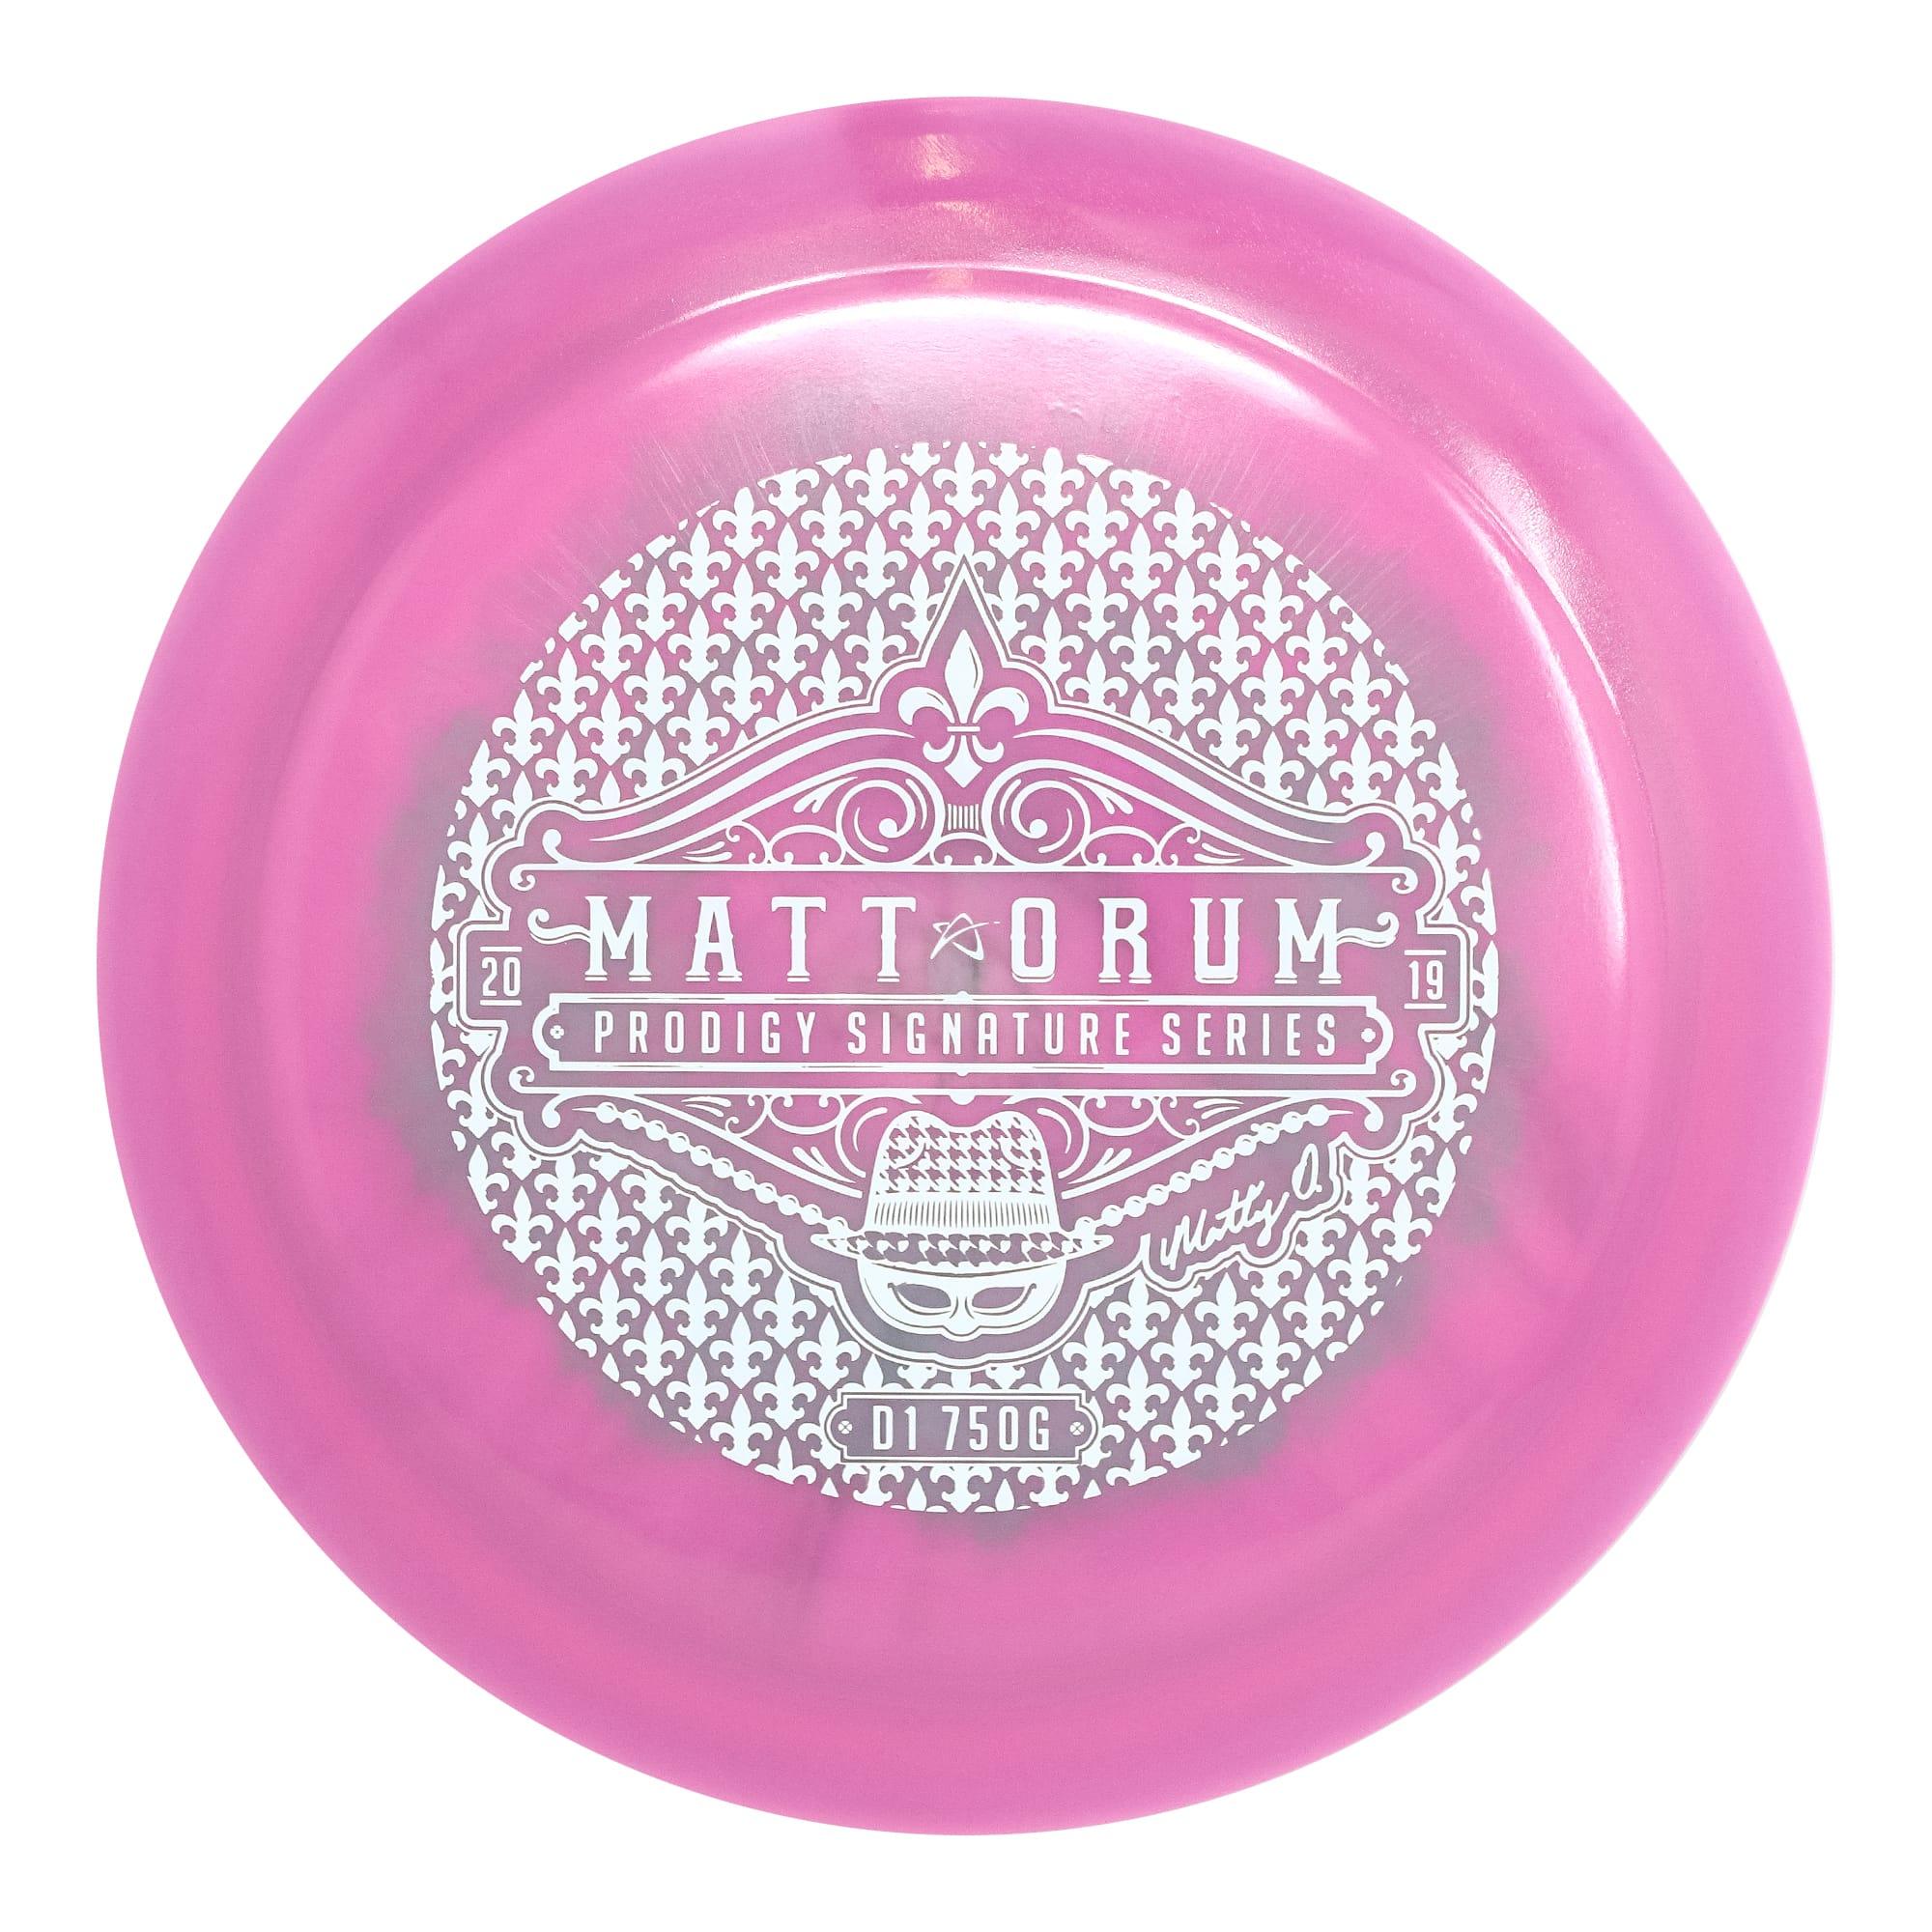 Matt_Orum_Special_Edition_Signature_Series_D1_750G_Thumbnailsprodigy-D1-750g-matt-orum-se-sig-pink_OPT.jpg